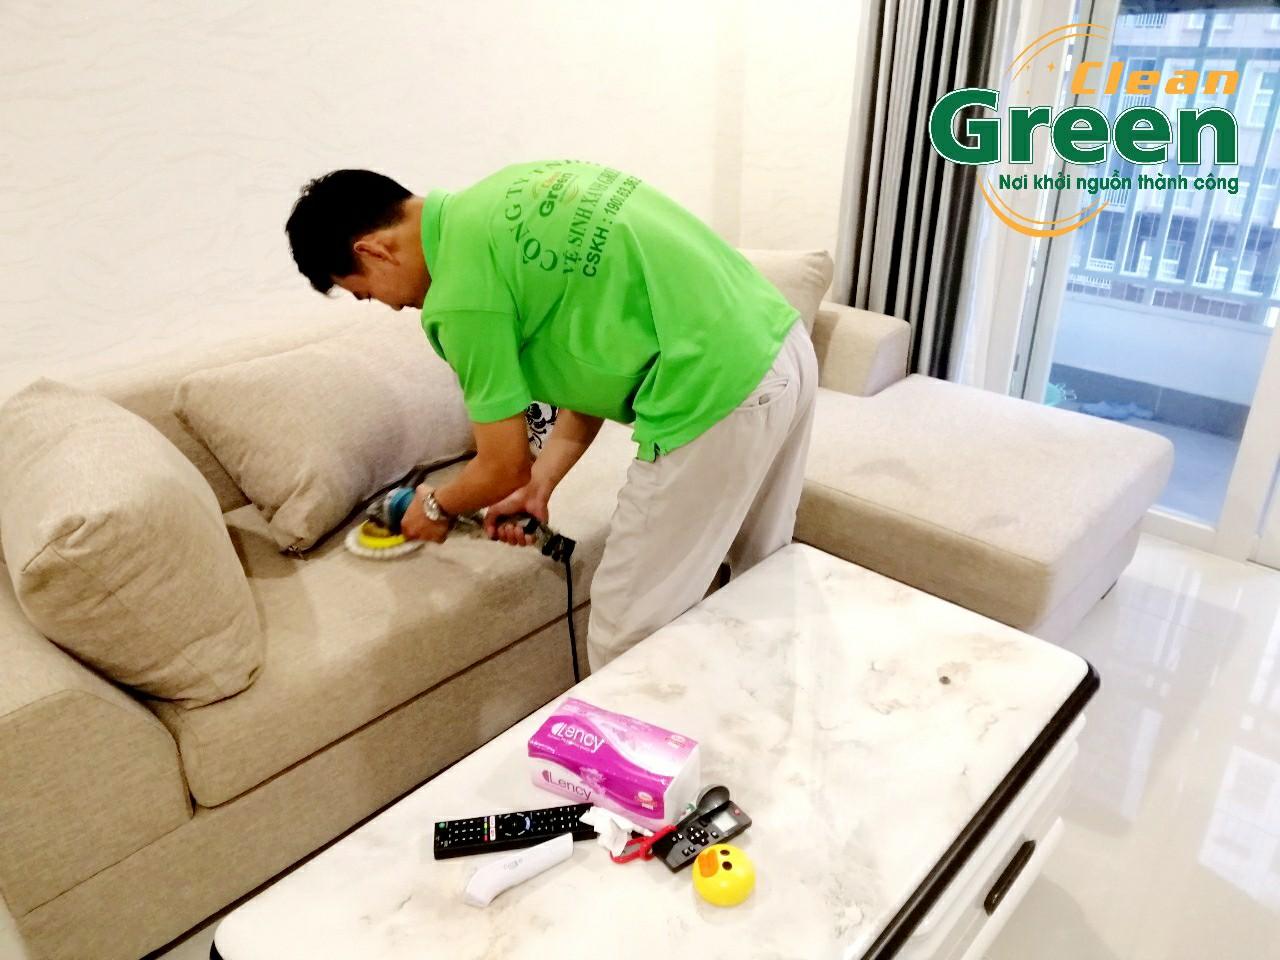 Green Clean - Dịch vụ giặt ghế sofa chuyên nghiệp tại Bình Dương